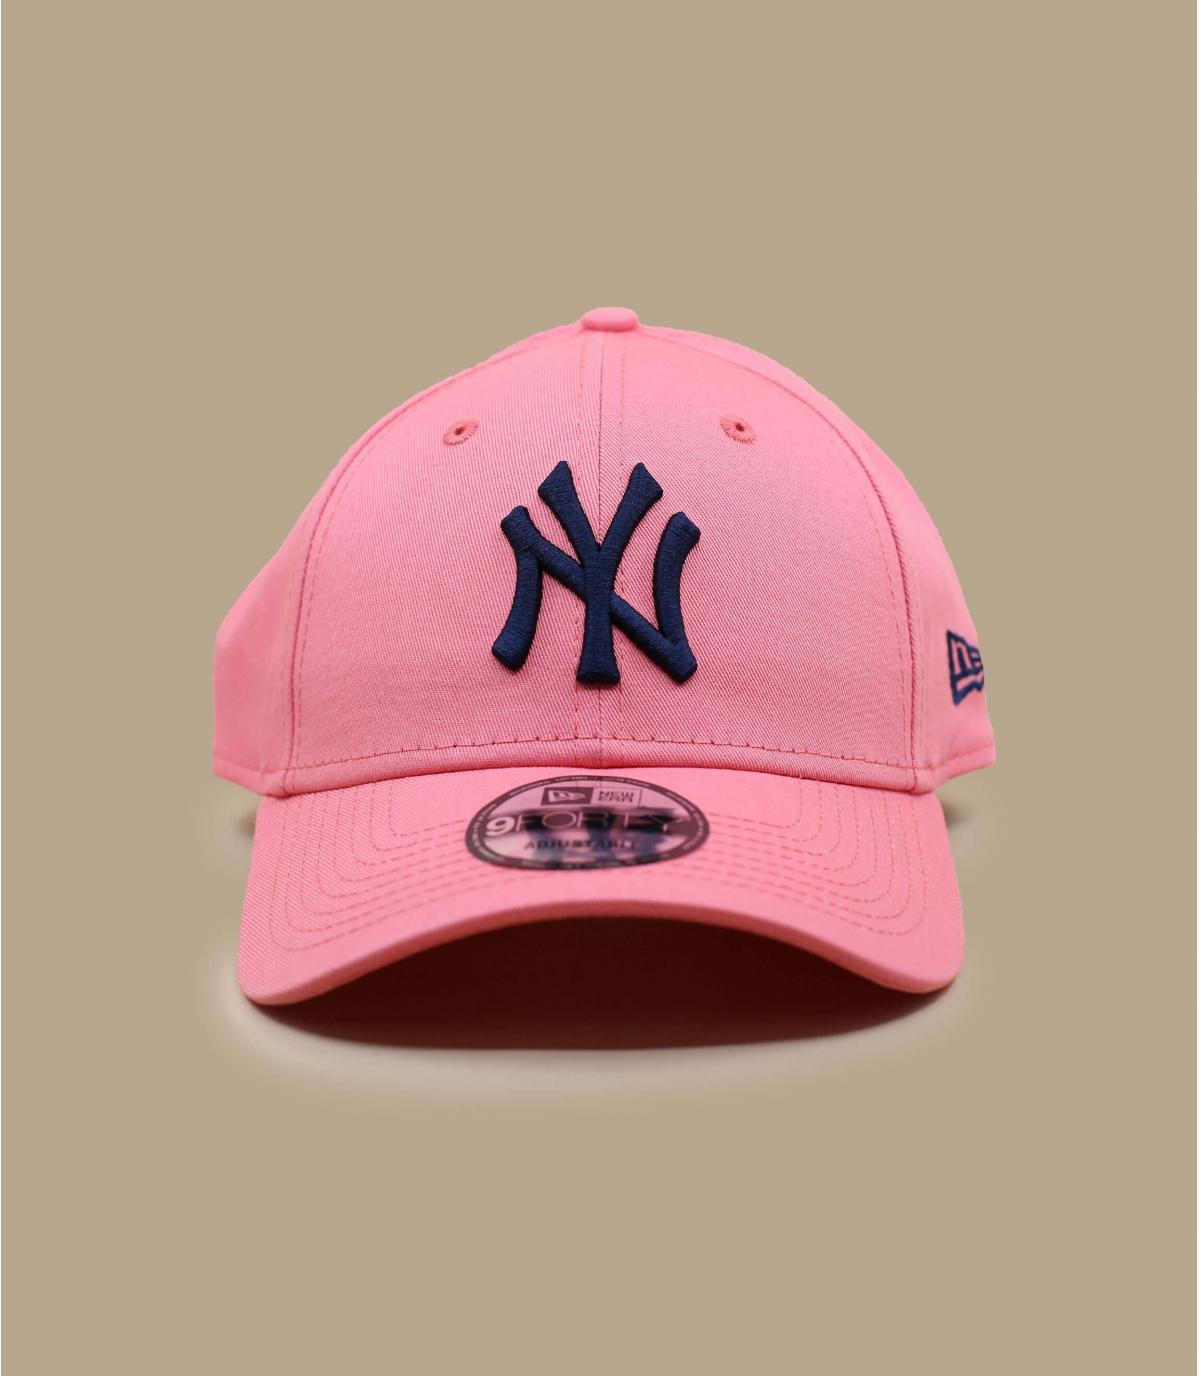 cappellino NY rosa e blu